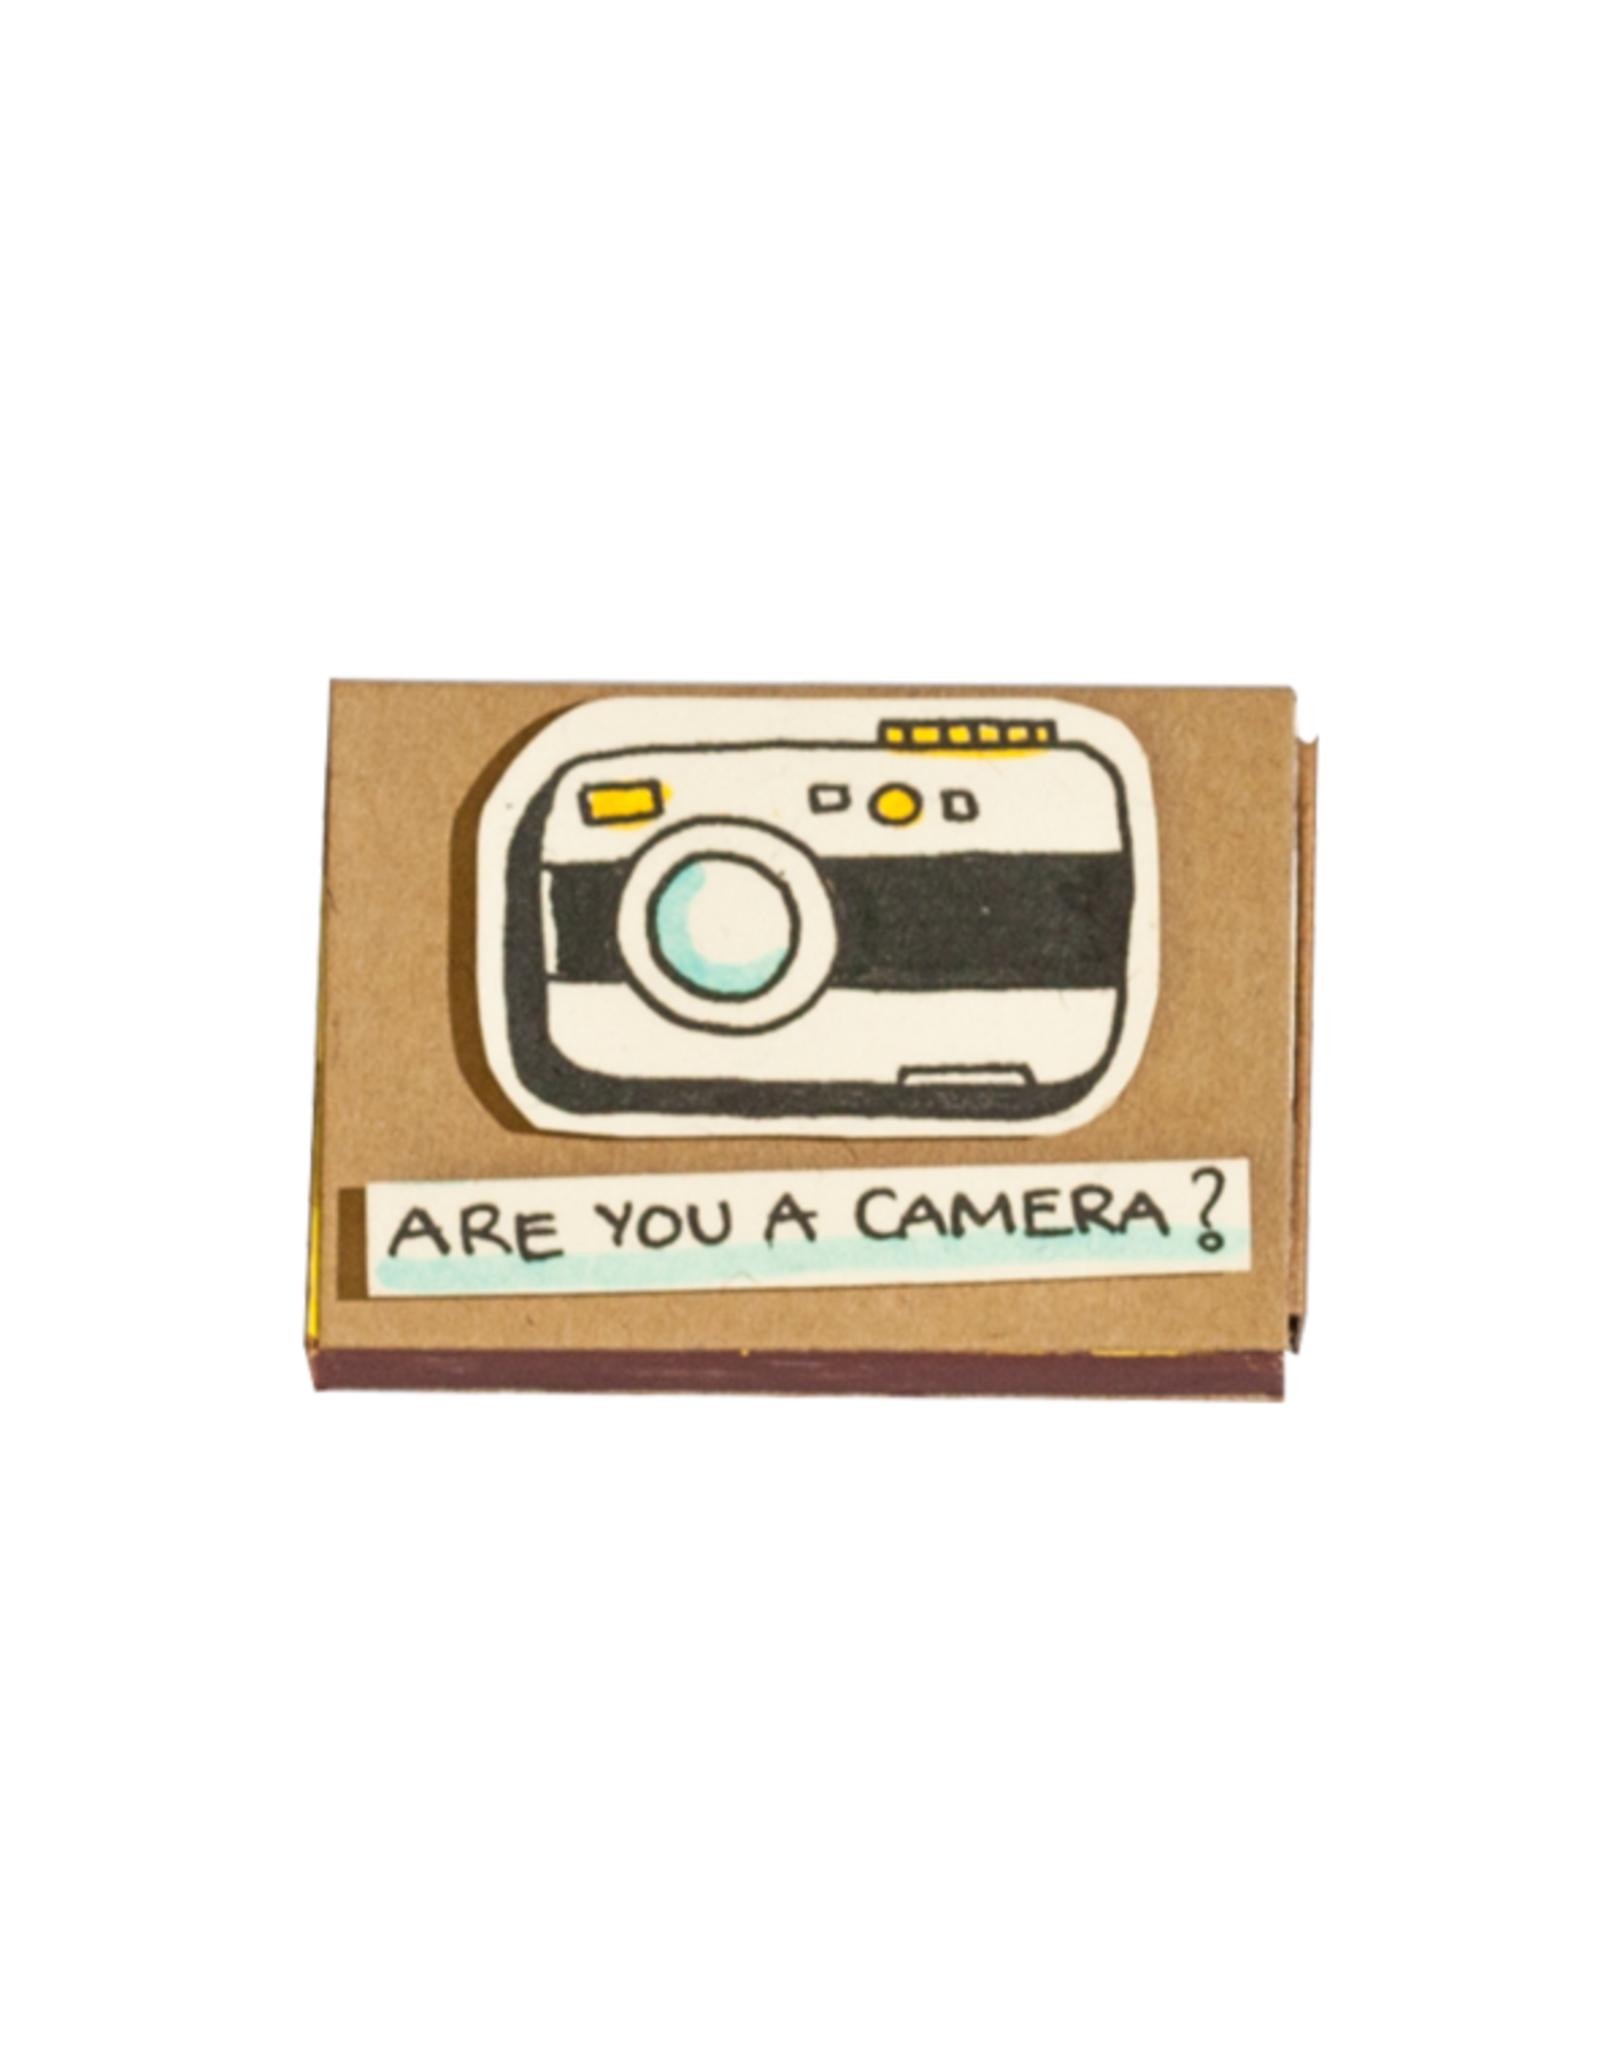 Matchbox Card Are You a Camera